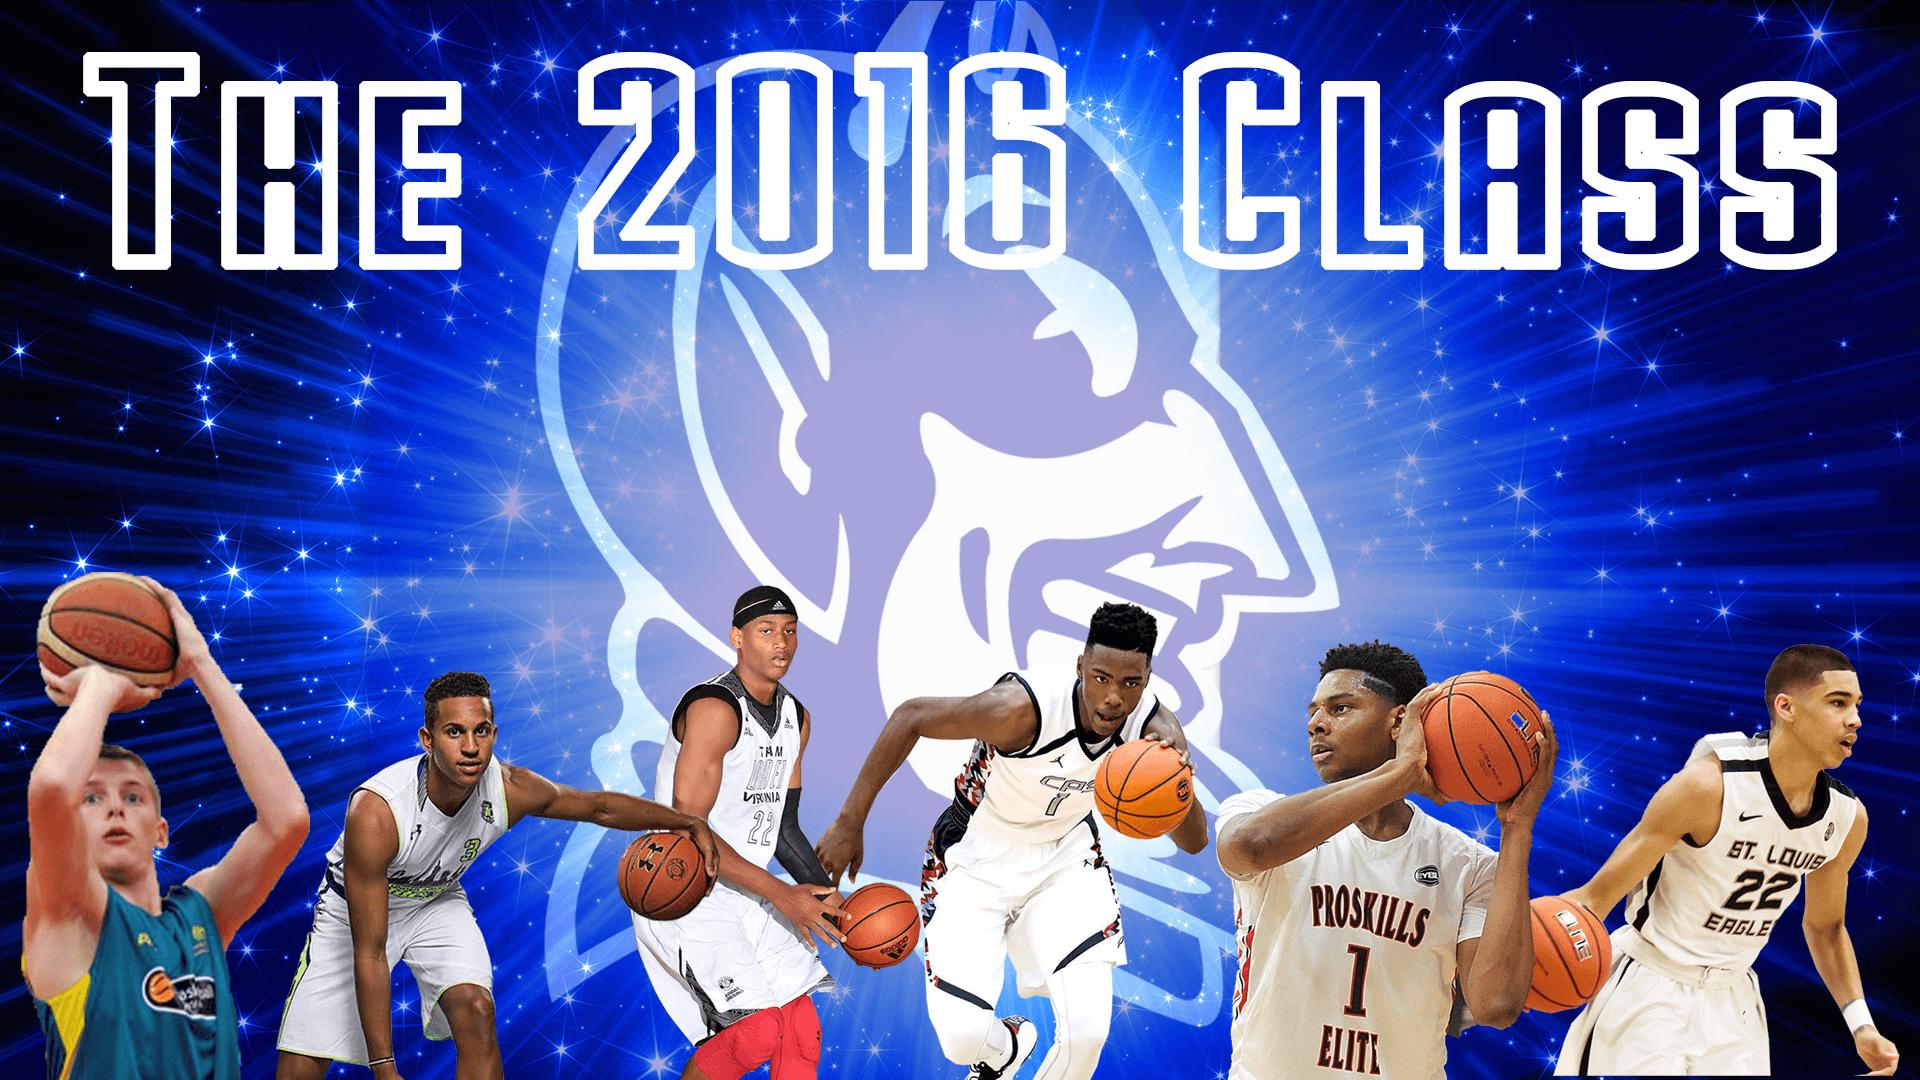 As Requested the NEW Dukeblogger HYPE Video for Duke Basketball